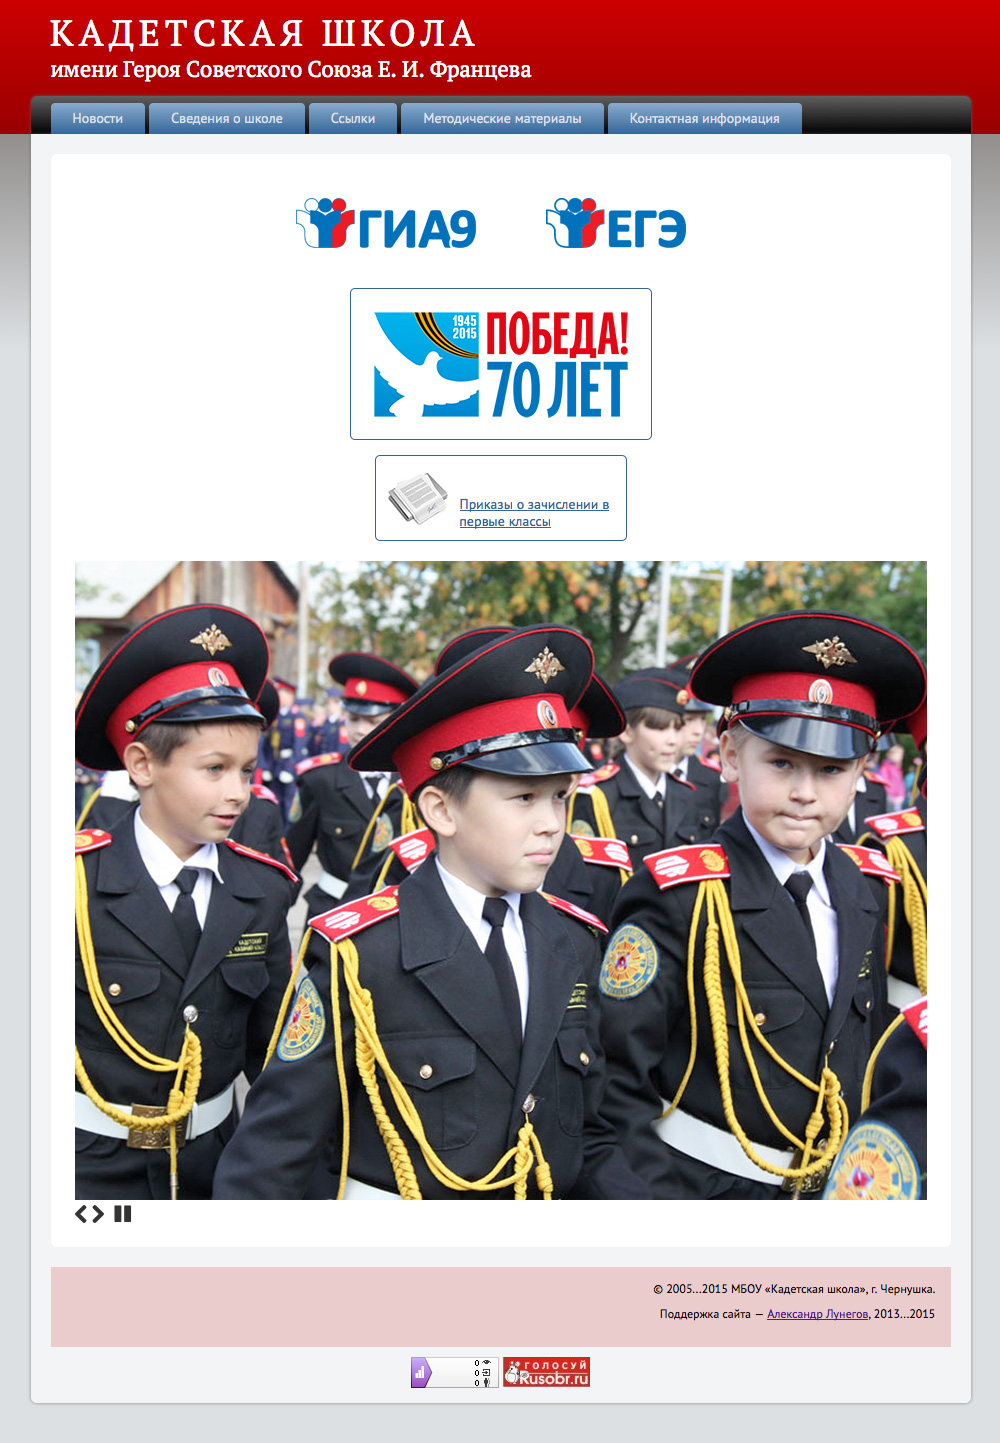 Сайт Кадетской школы имени Героя Советского Союза Е. И. Францева